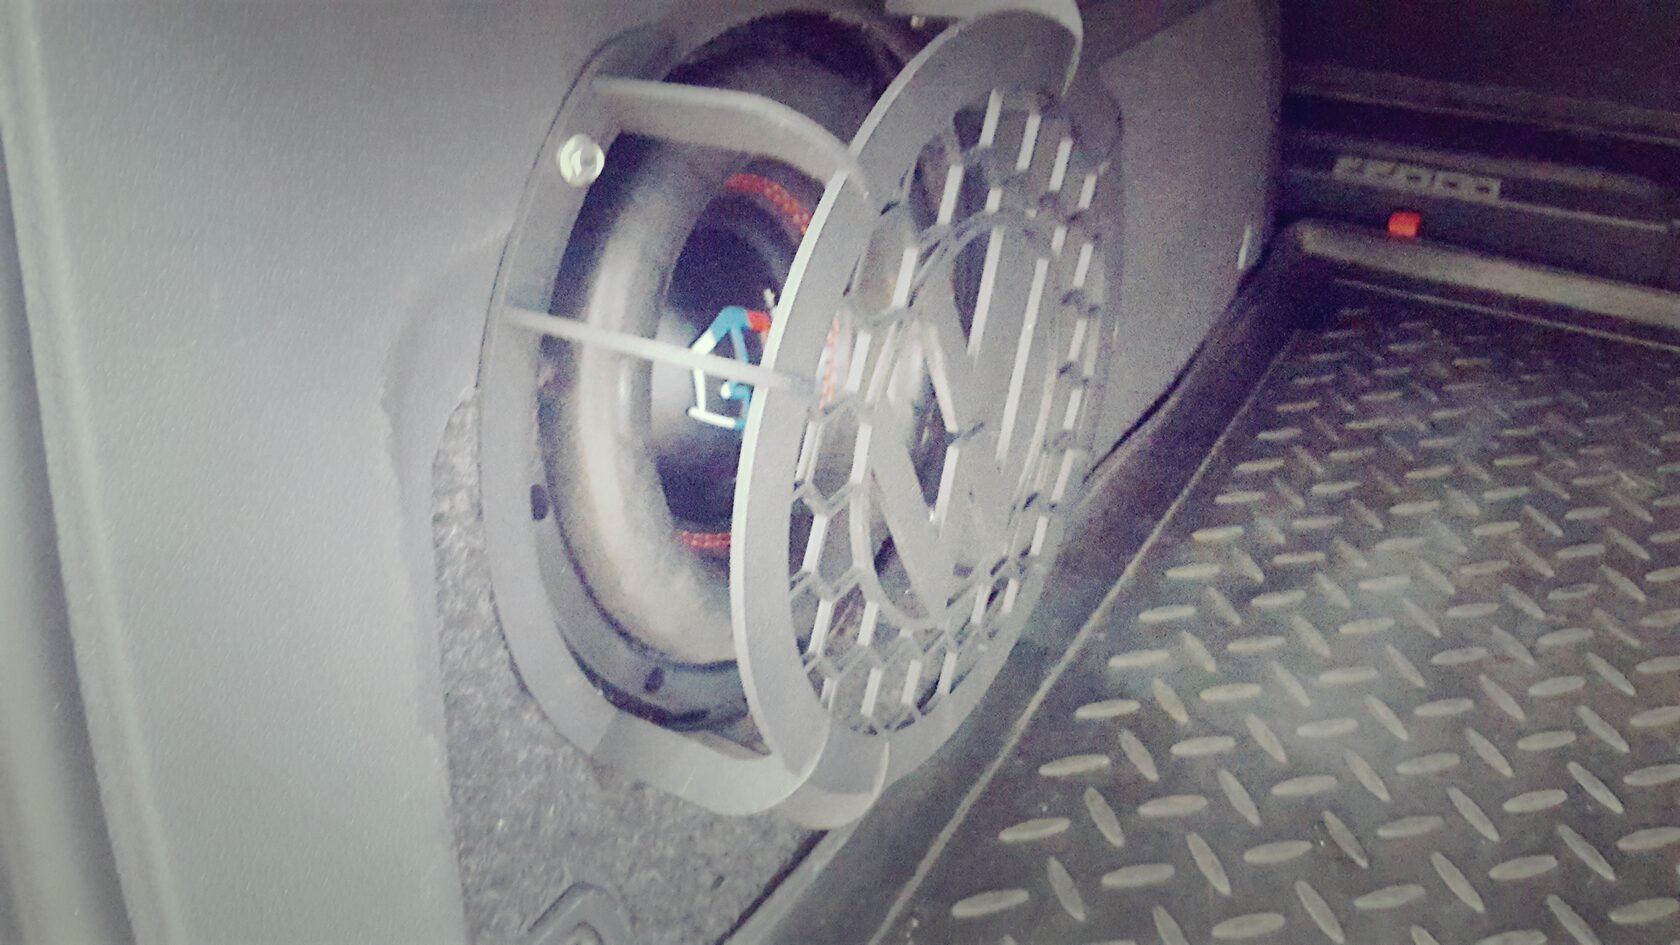 установка сабвуфера в крыло стелс тоуран фольксваген